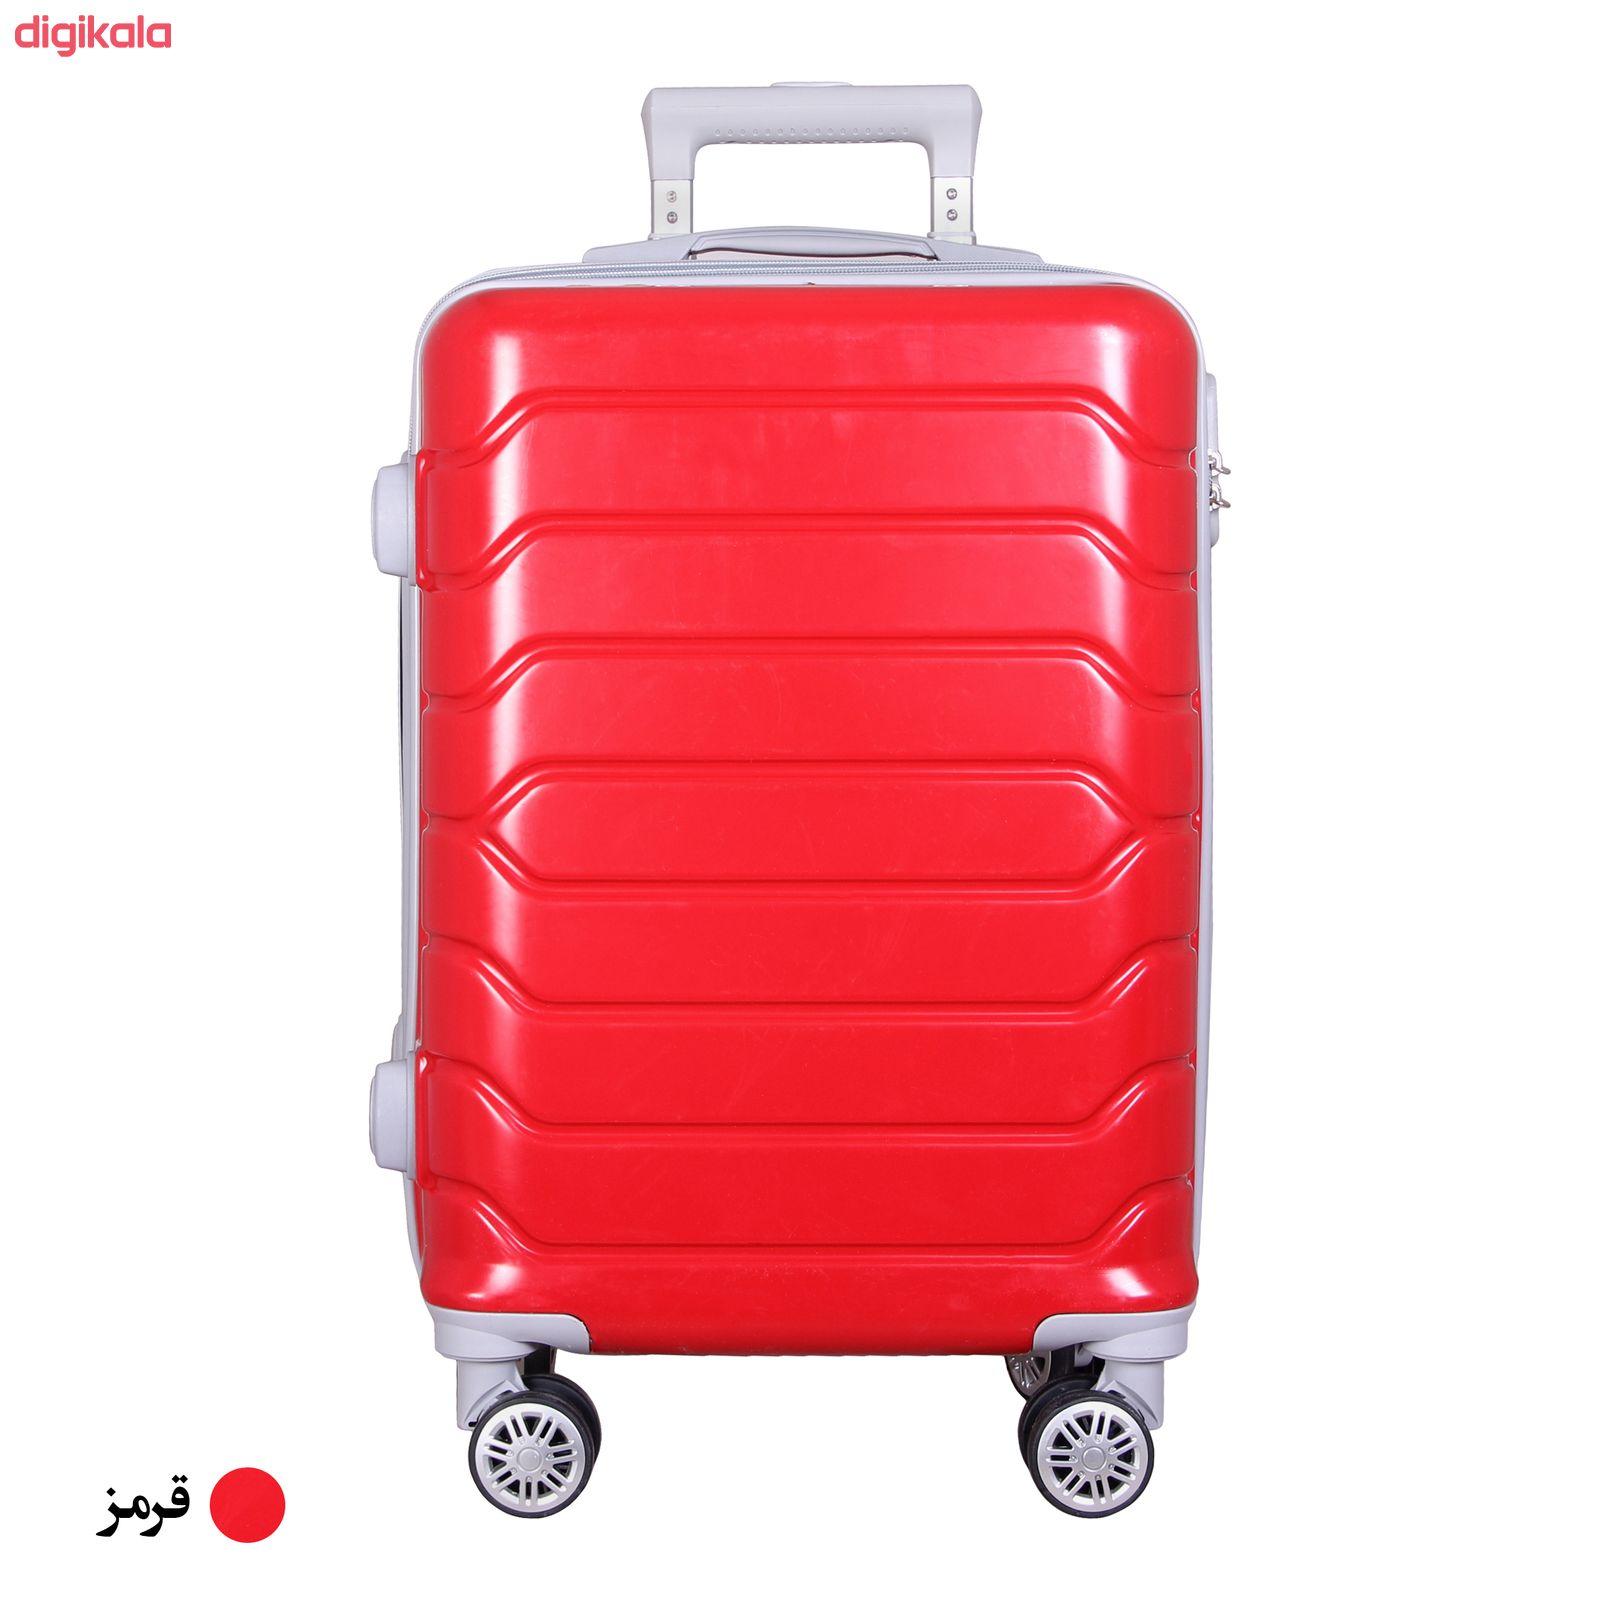 مجموعه سه عددی چمدان مدل 20020 main 1 19